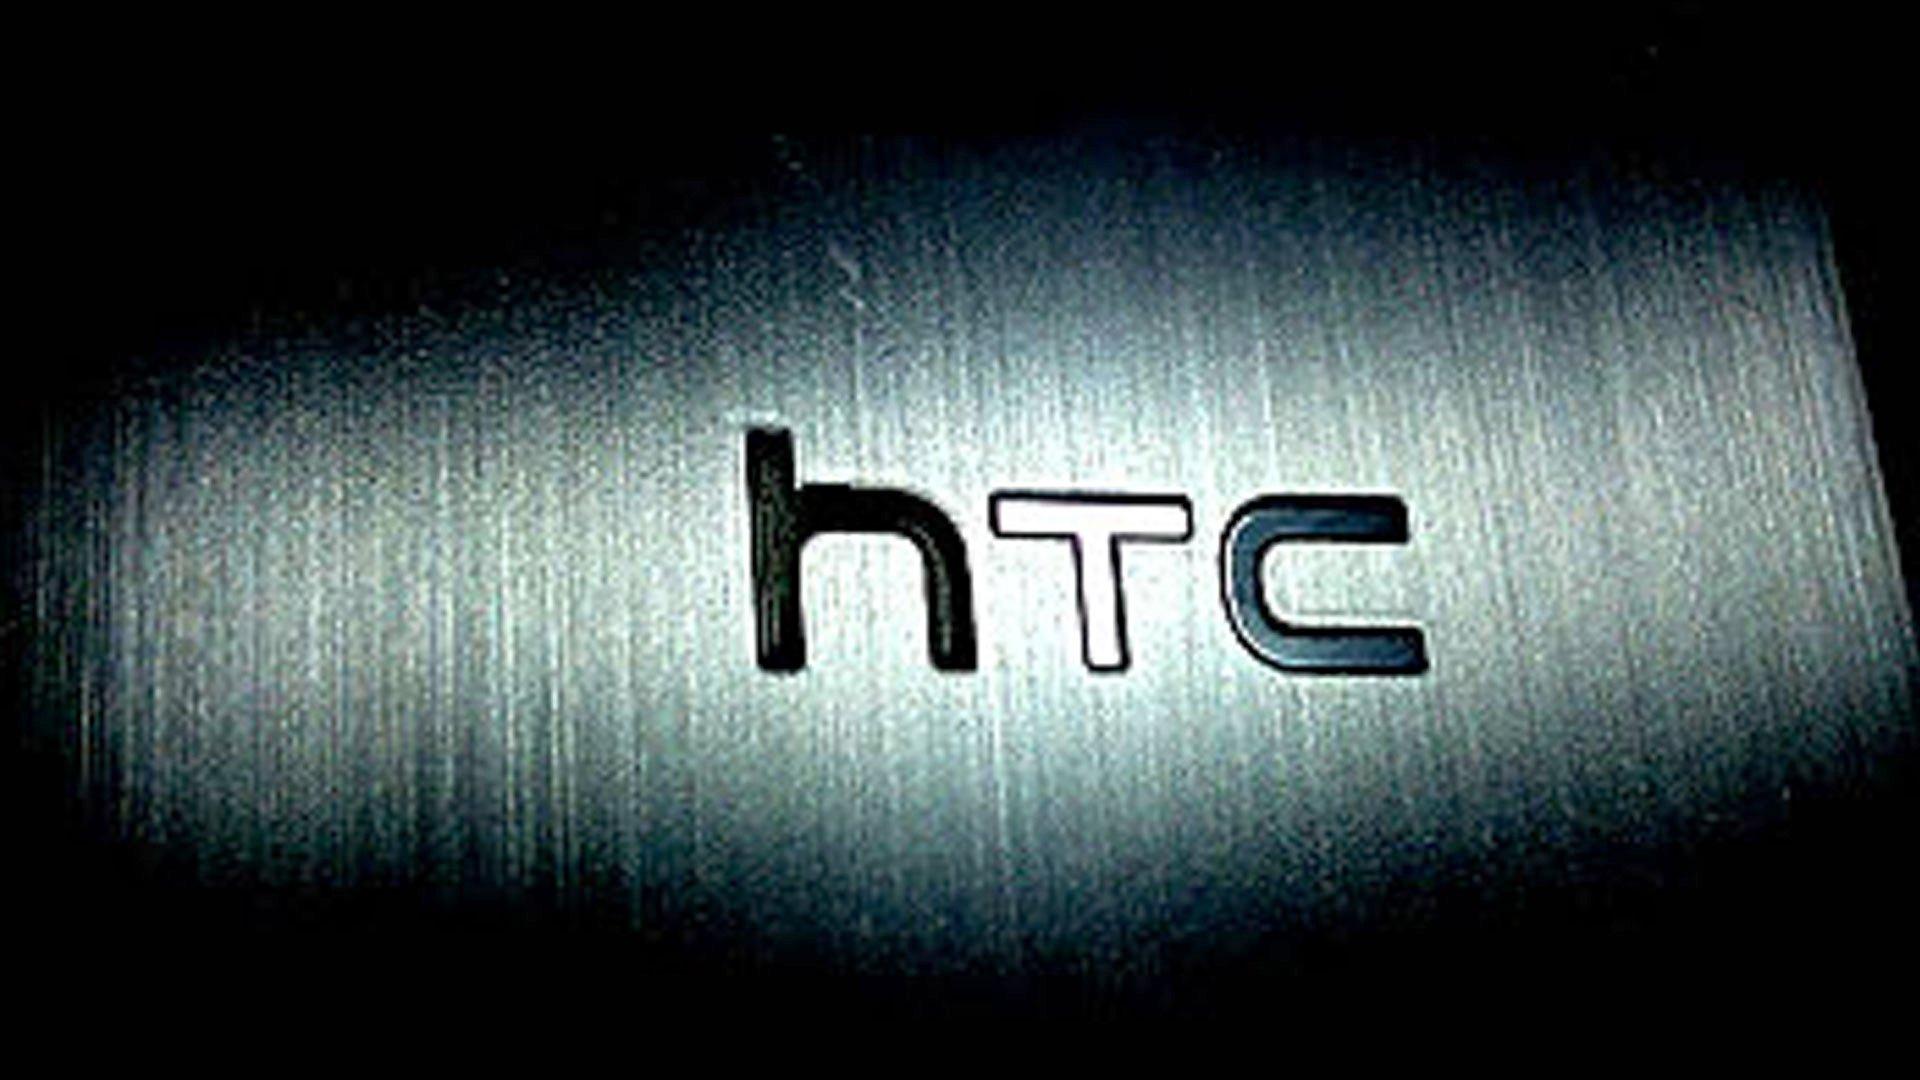 iPhone 5? No, è il rendering del nuovo smartphone HTC M7